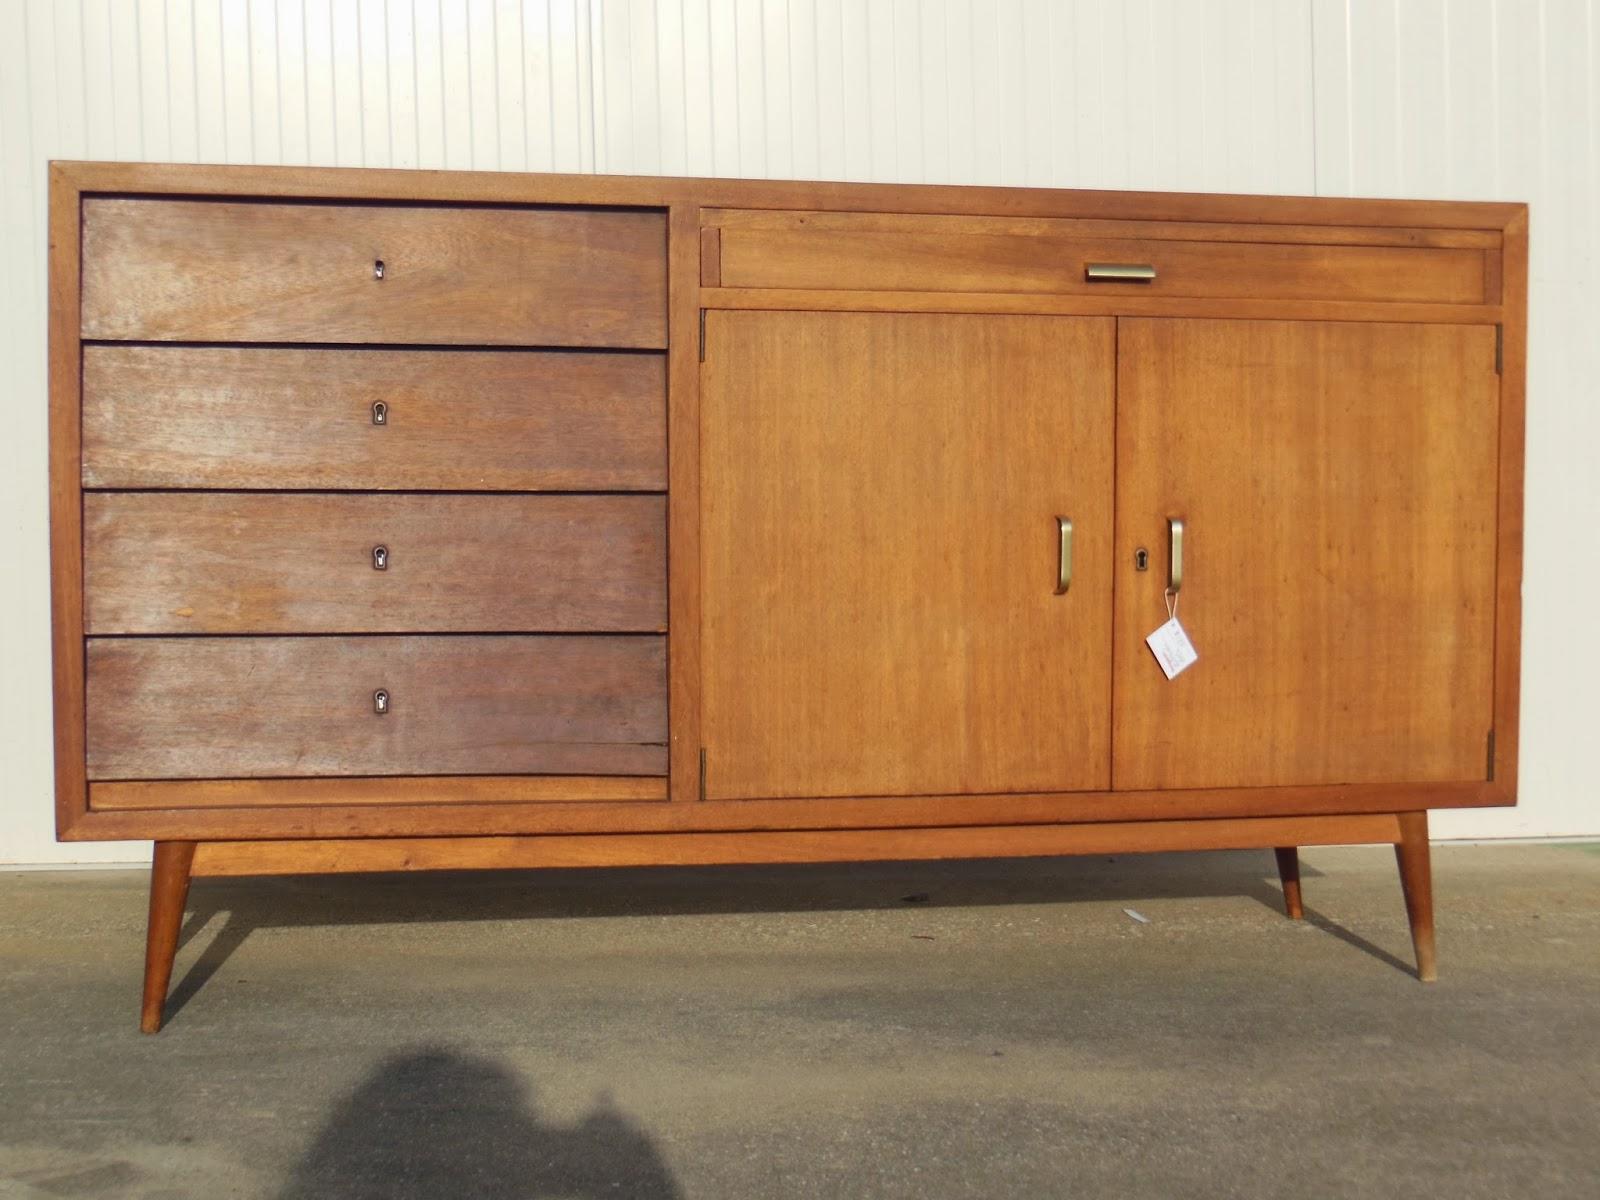 Aparador vintage em madeira de tola e gavetas folheadas em sucupira  #9A6231 1600x1200